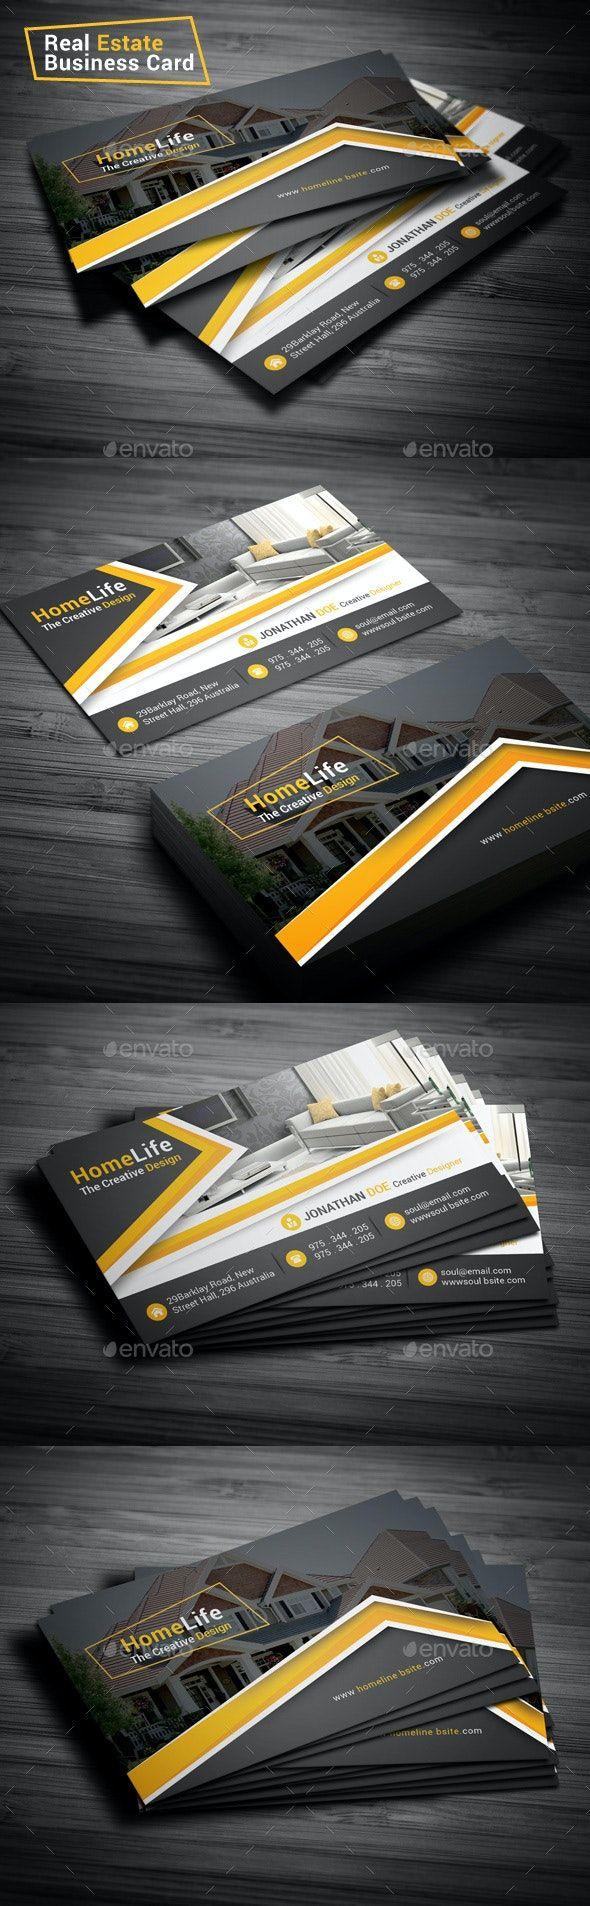 Real Estate Business Card Real Estate Business Cards Real Estate Business Business Card Template Design